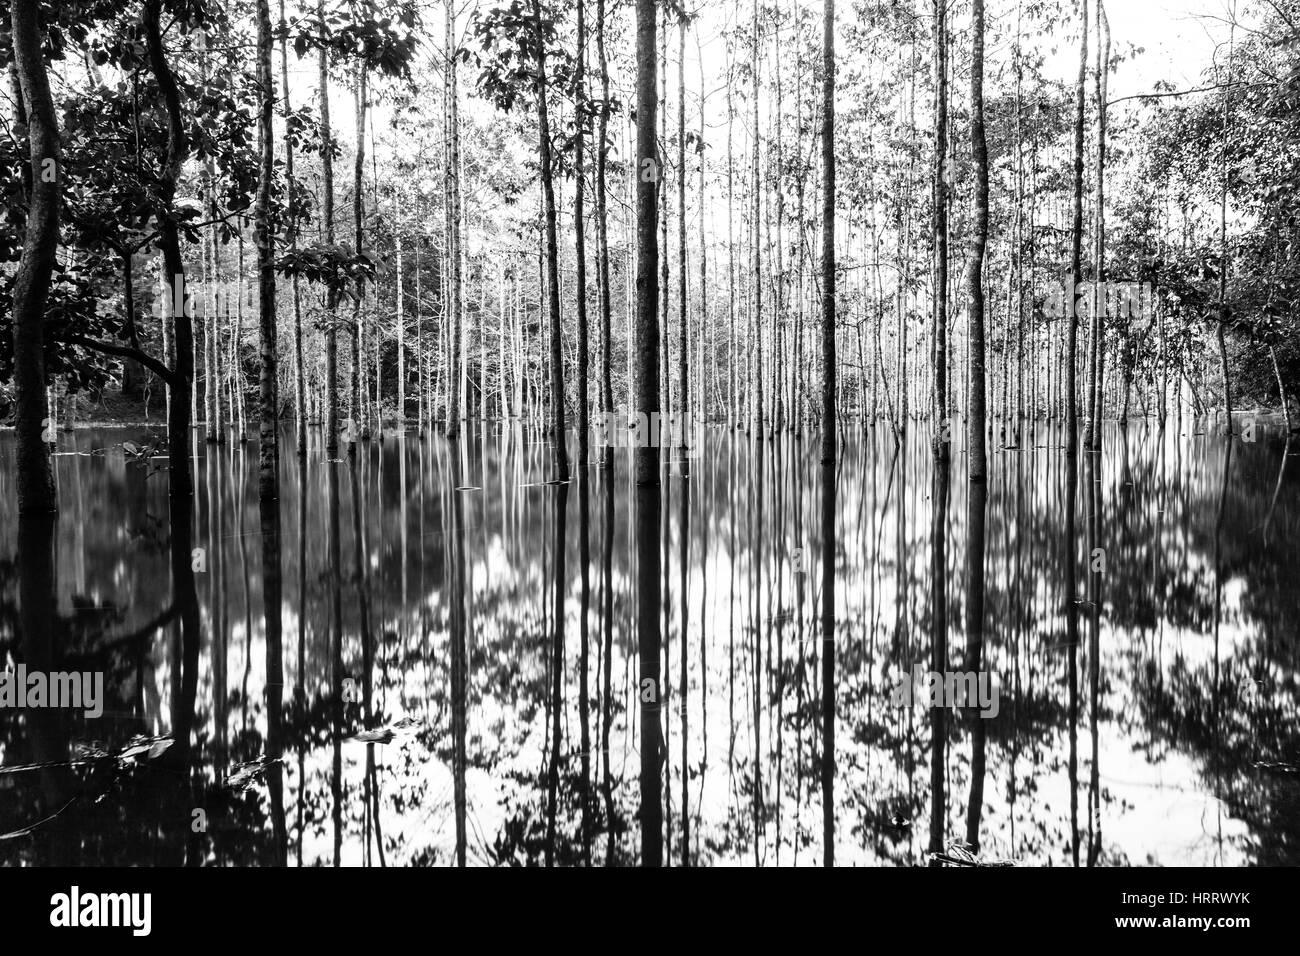 Los troncos del árbol misterioso reflejado en el agua en las junglas tropicales de Angkor Wat, en Camboya. Imagen De Stock